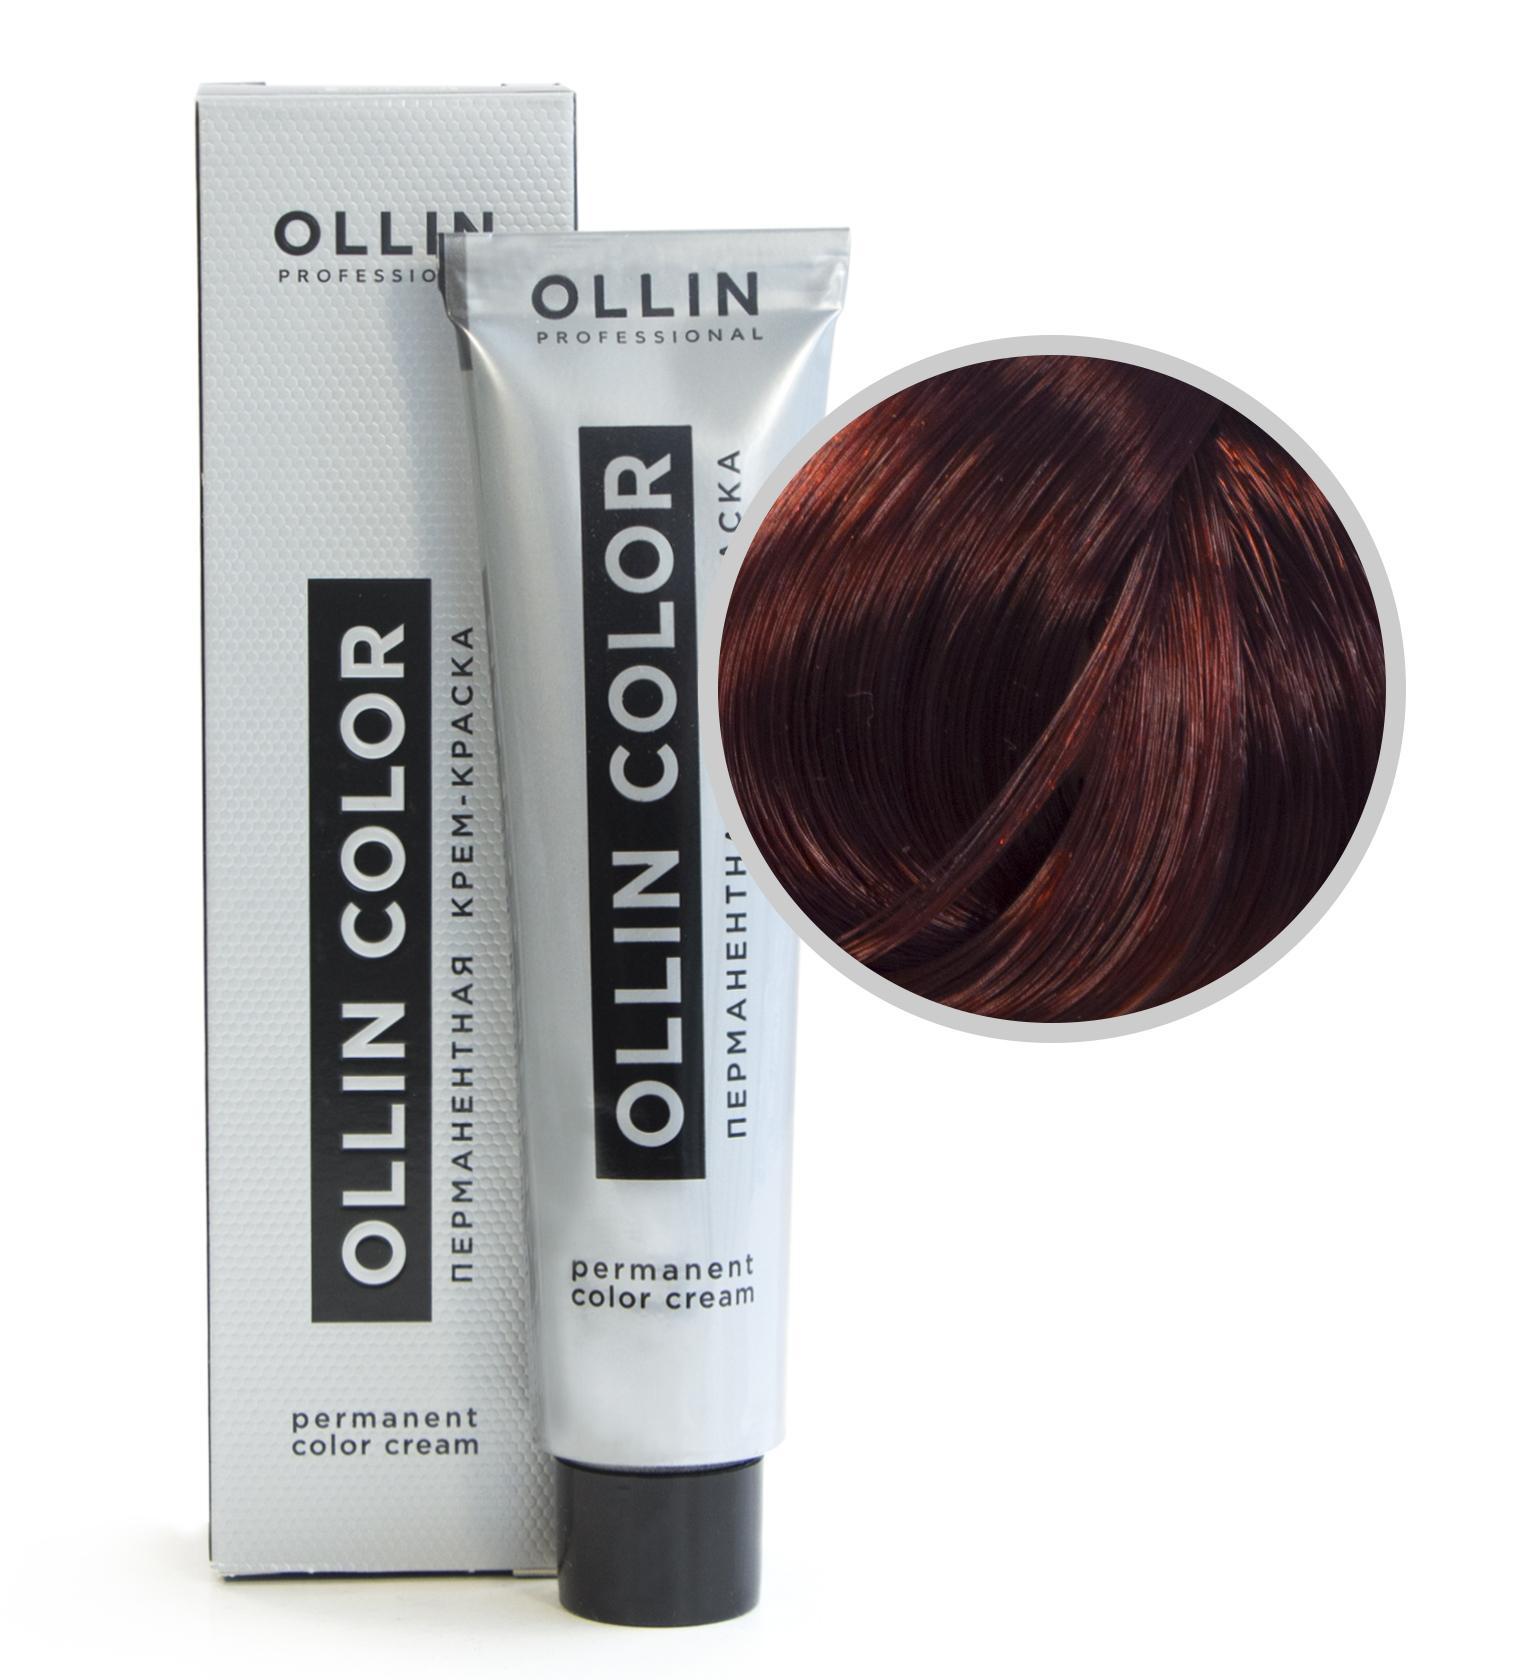 Перманентная крем-краска для волос Ollin Professional Ollin Color 5/4 Светлый Шатен Медный